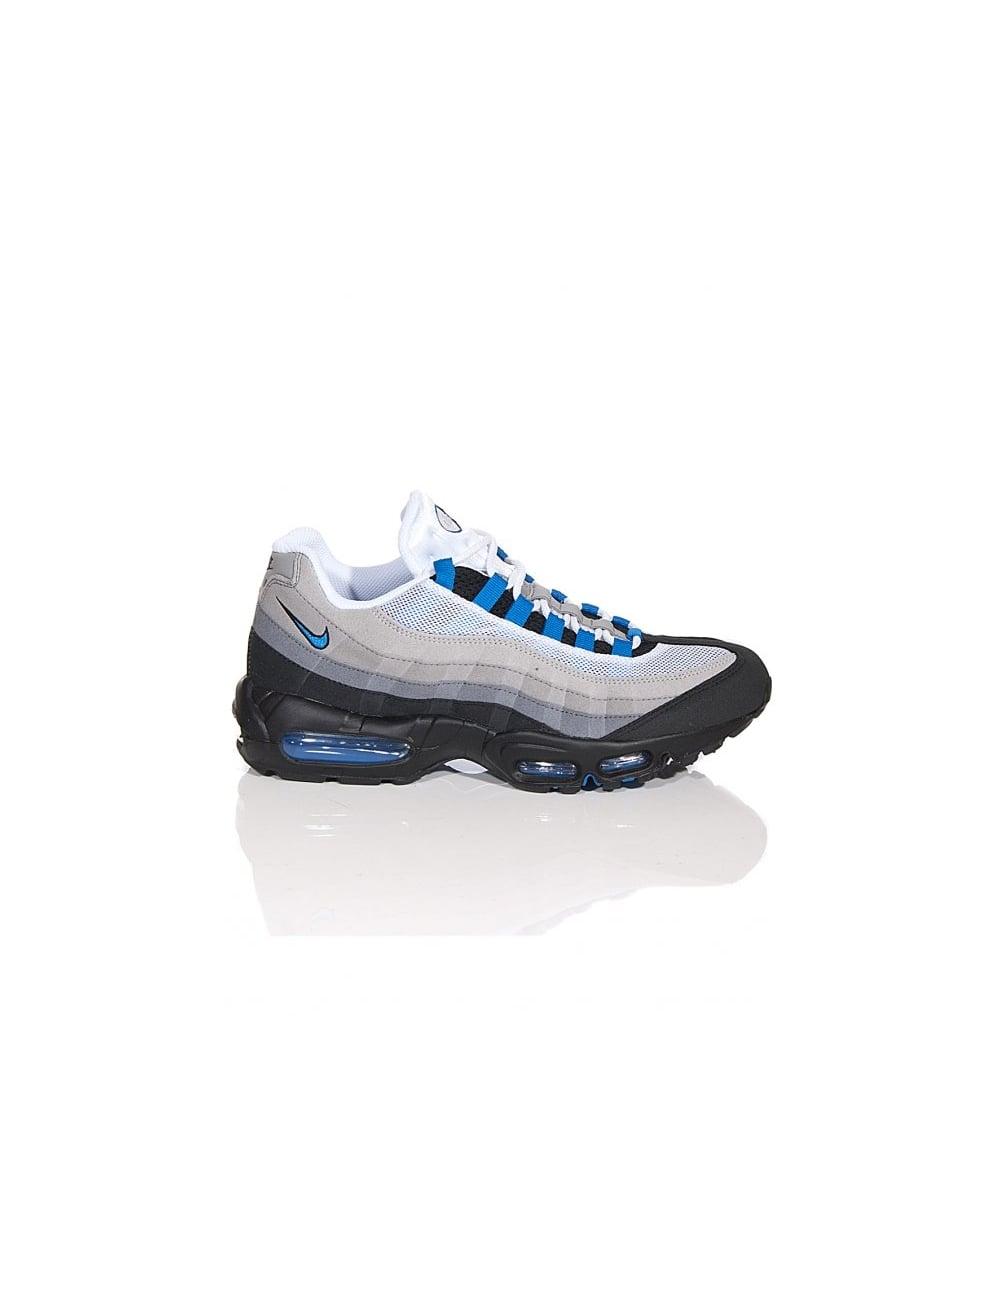 Nike Air Max 95 - White/Blue Spark